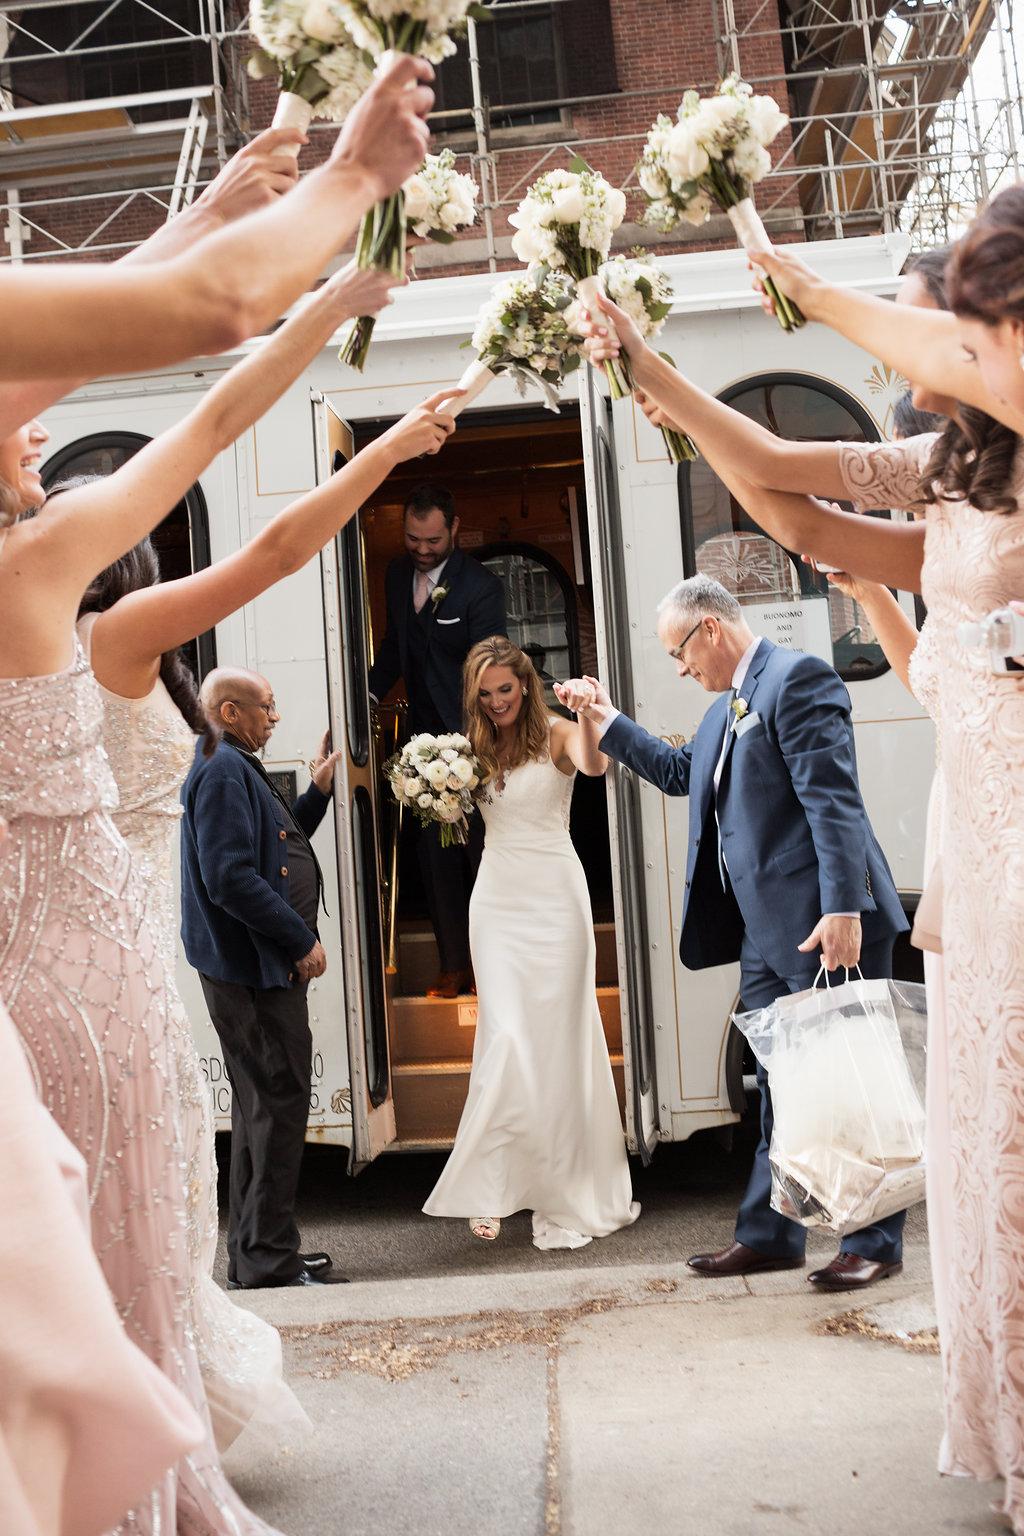 trolley bride off - bridal part w boquets up @divzimedia.jpg